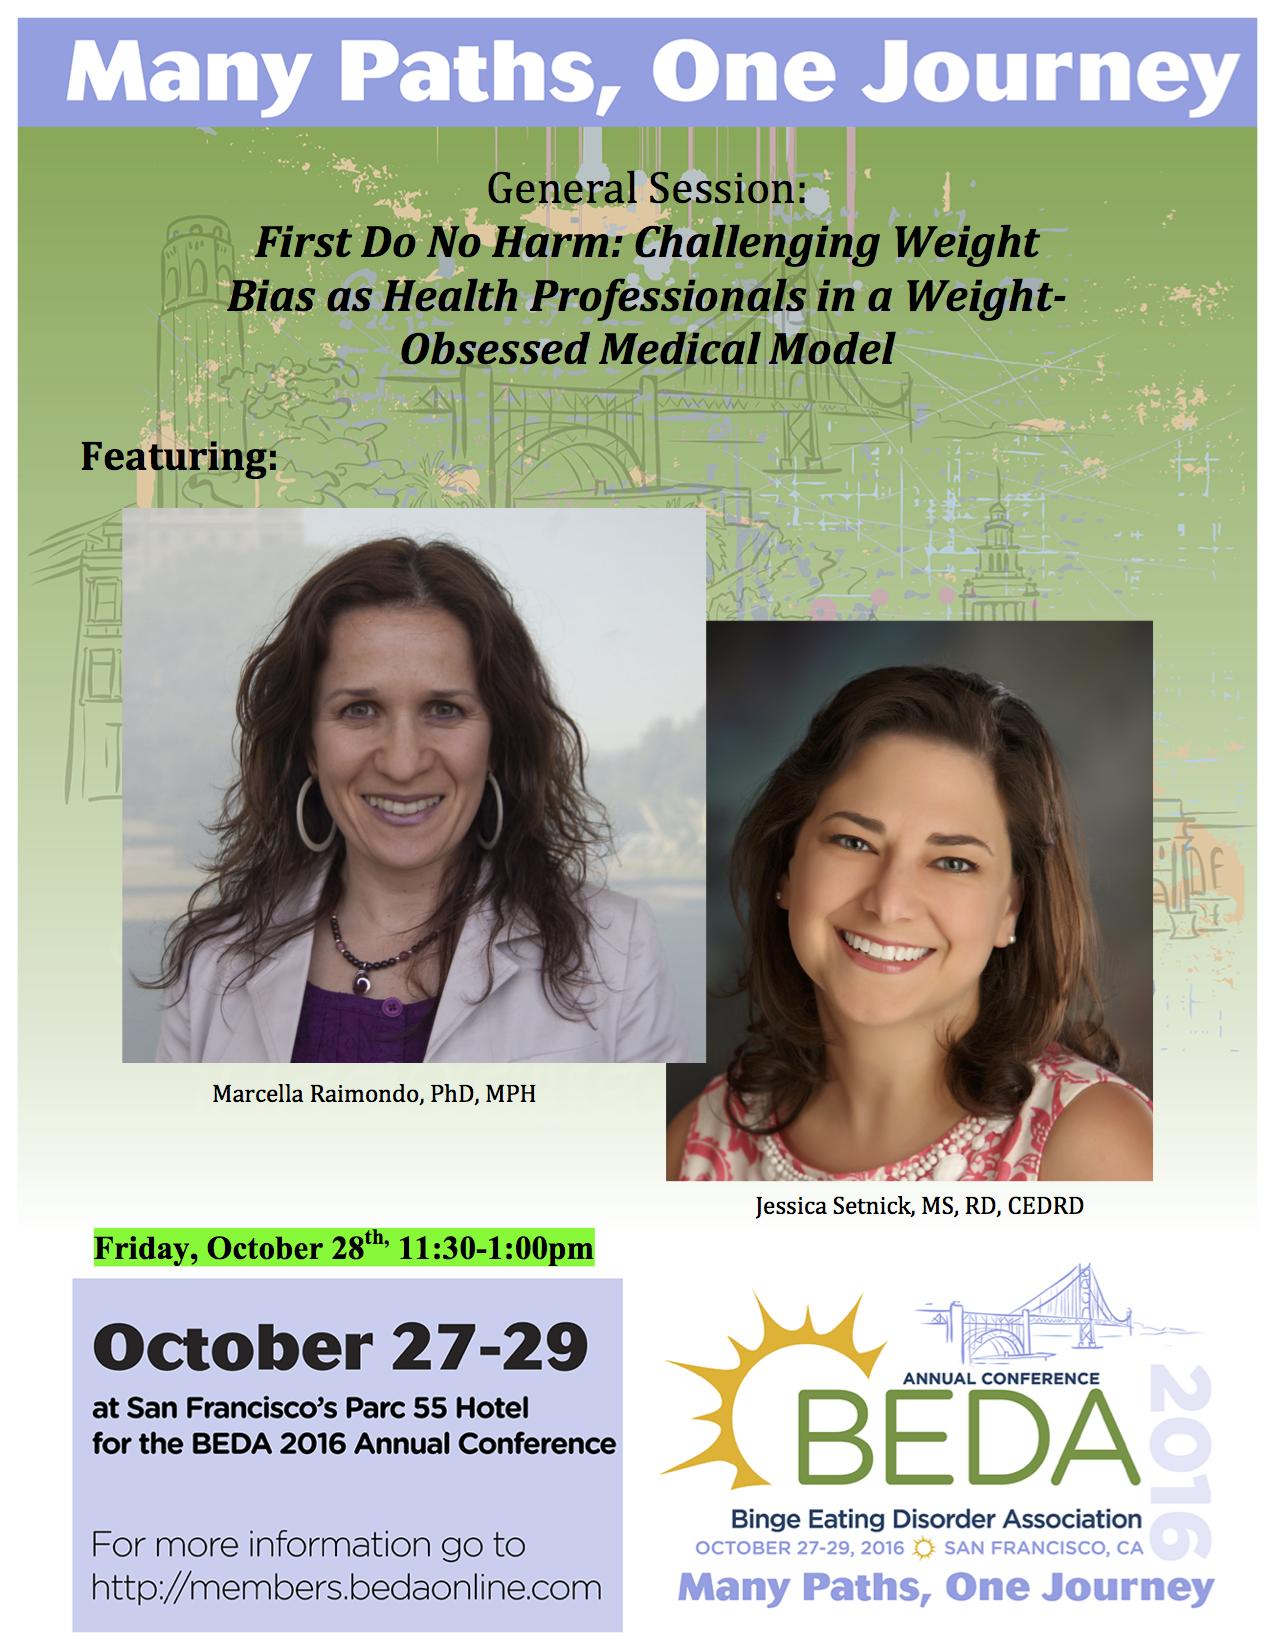 BEDA 2016 speakers events